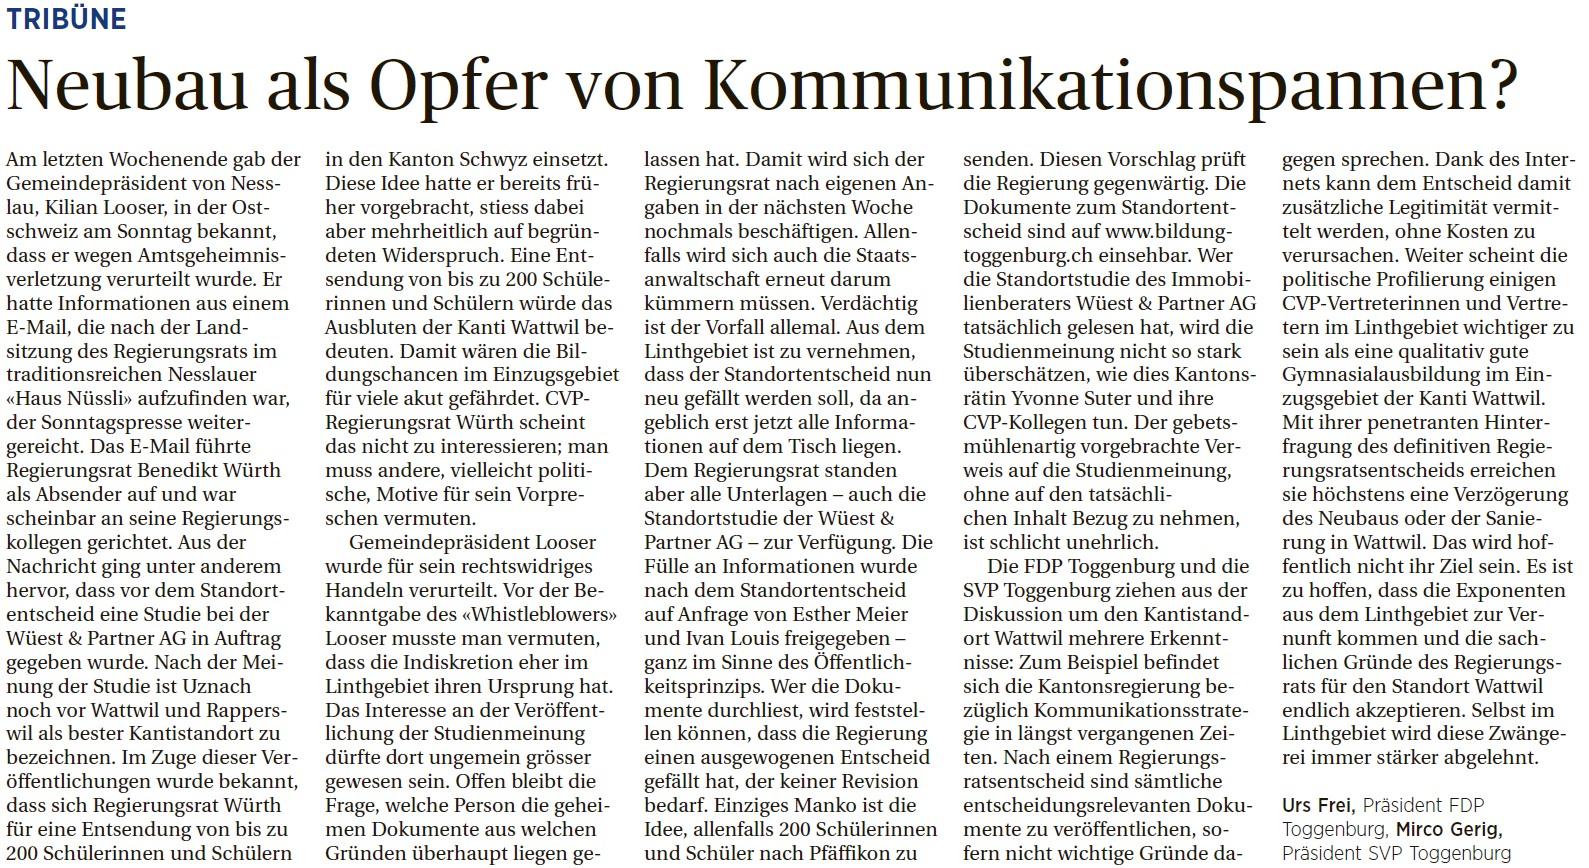 Neubau der Kanti Wattwil als Opfer von Kommunikationspannen? (Freitag, 08.08.2014)